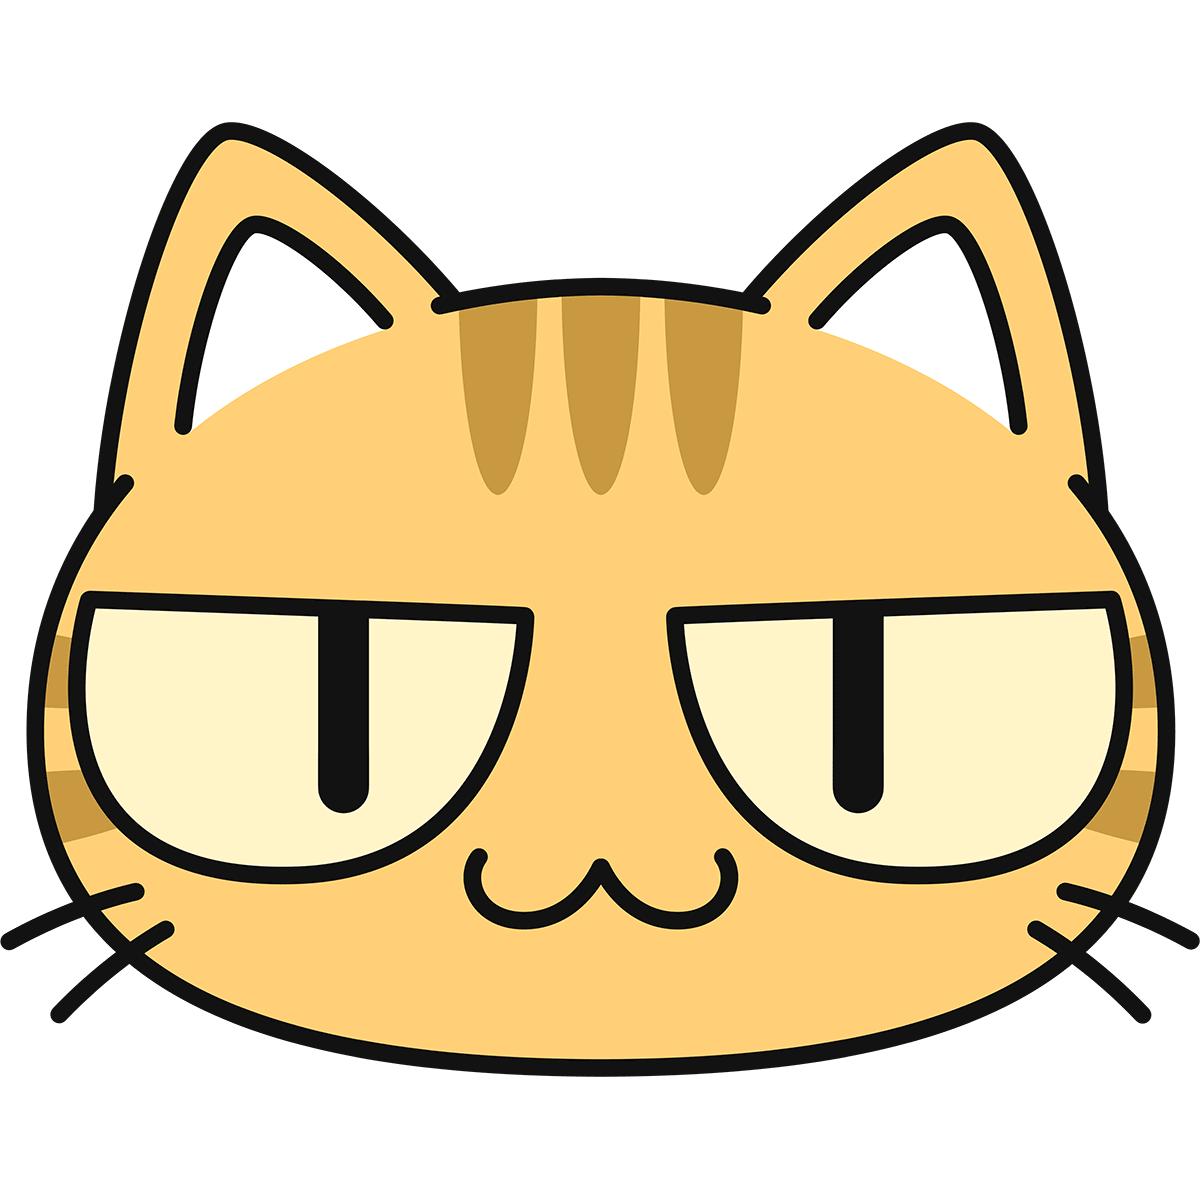 茶トラ猫の顔(猫目)の無料イラスト